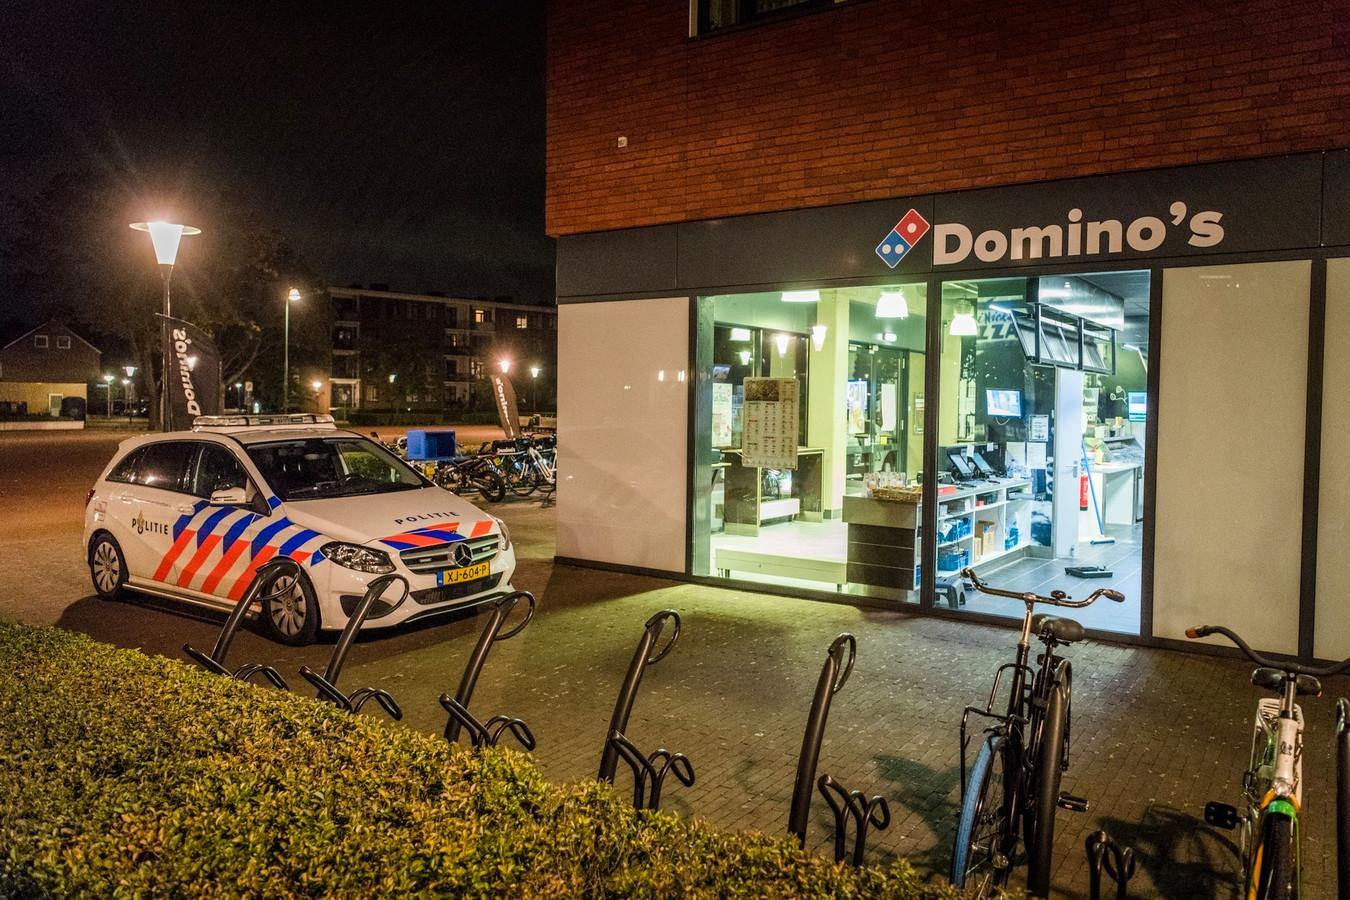 Politie bij de Domino's in Eindhoven.